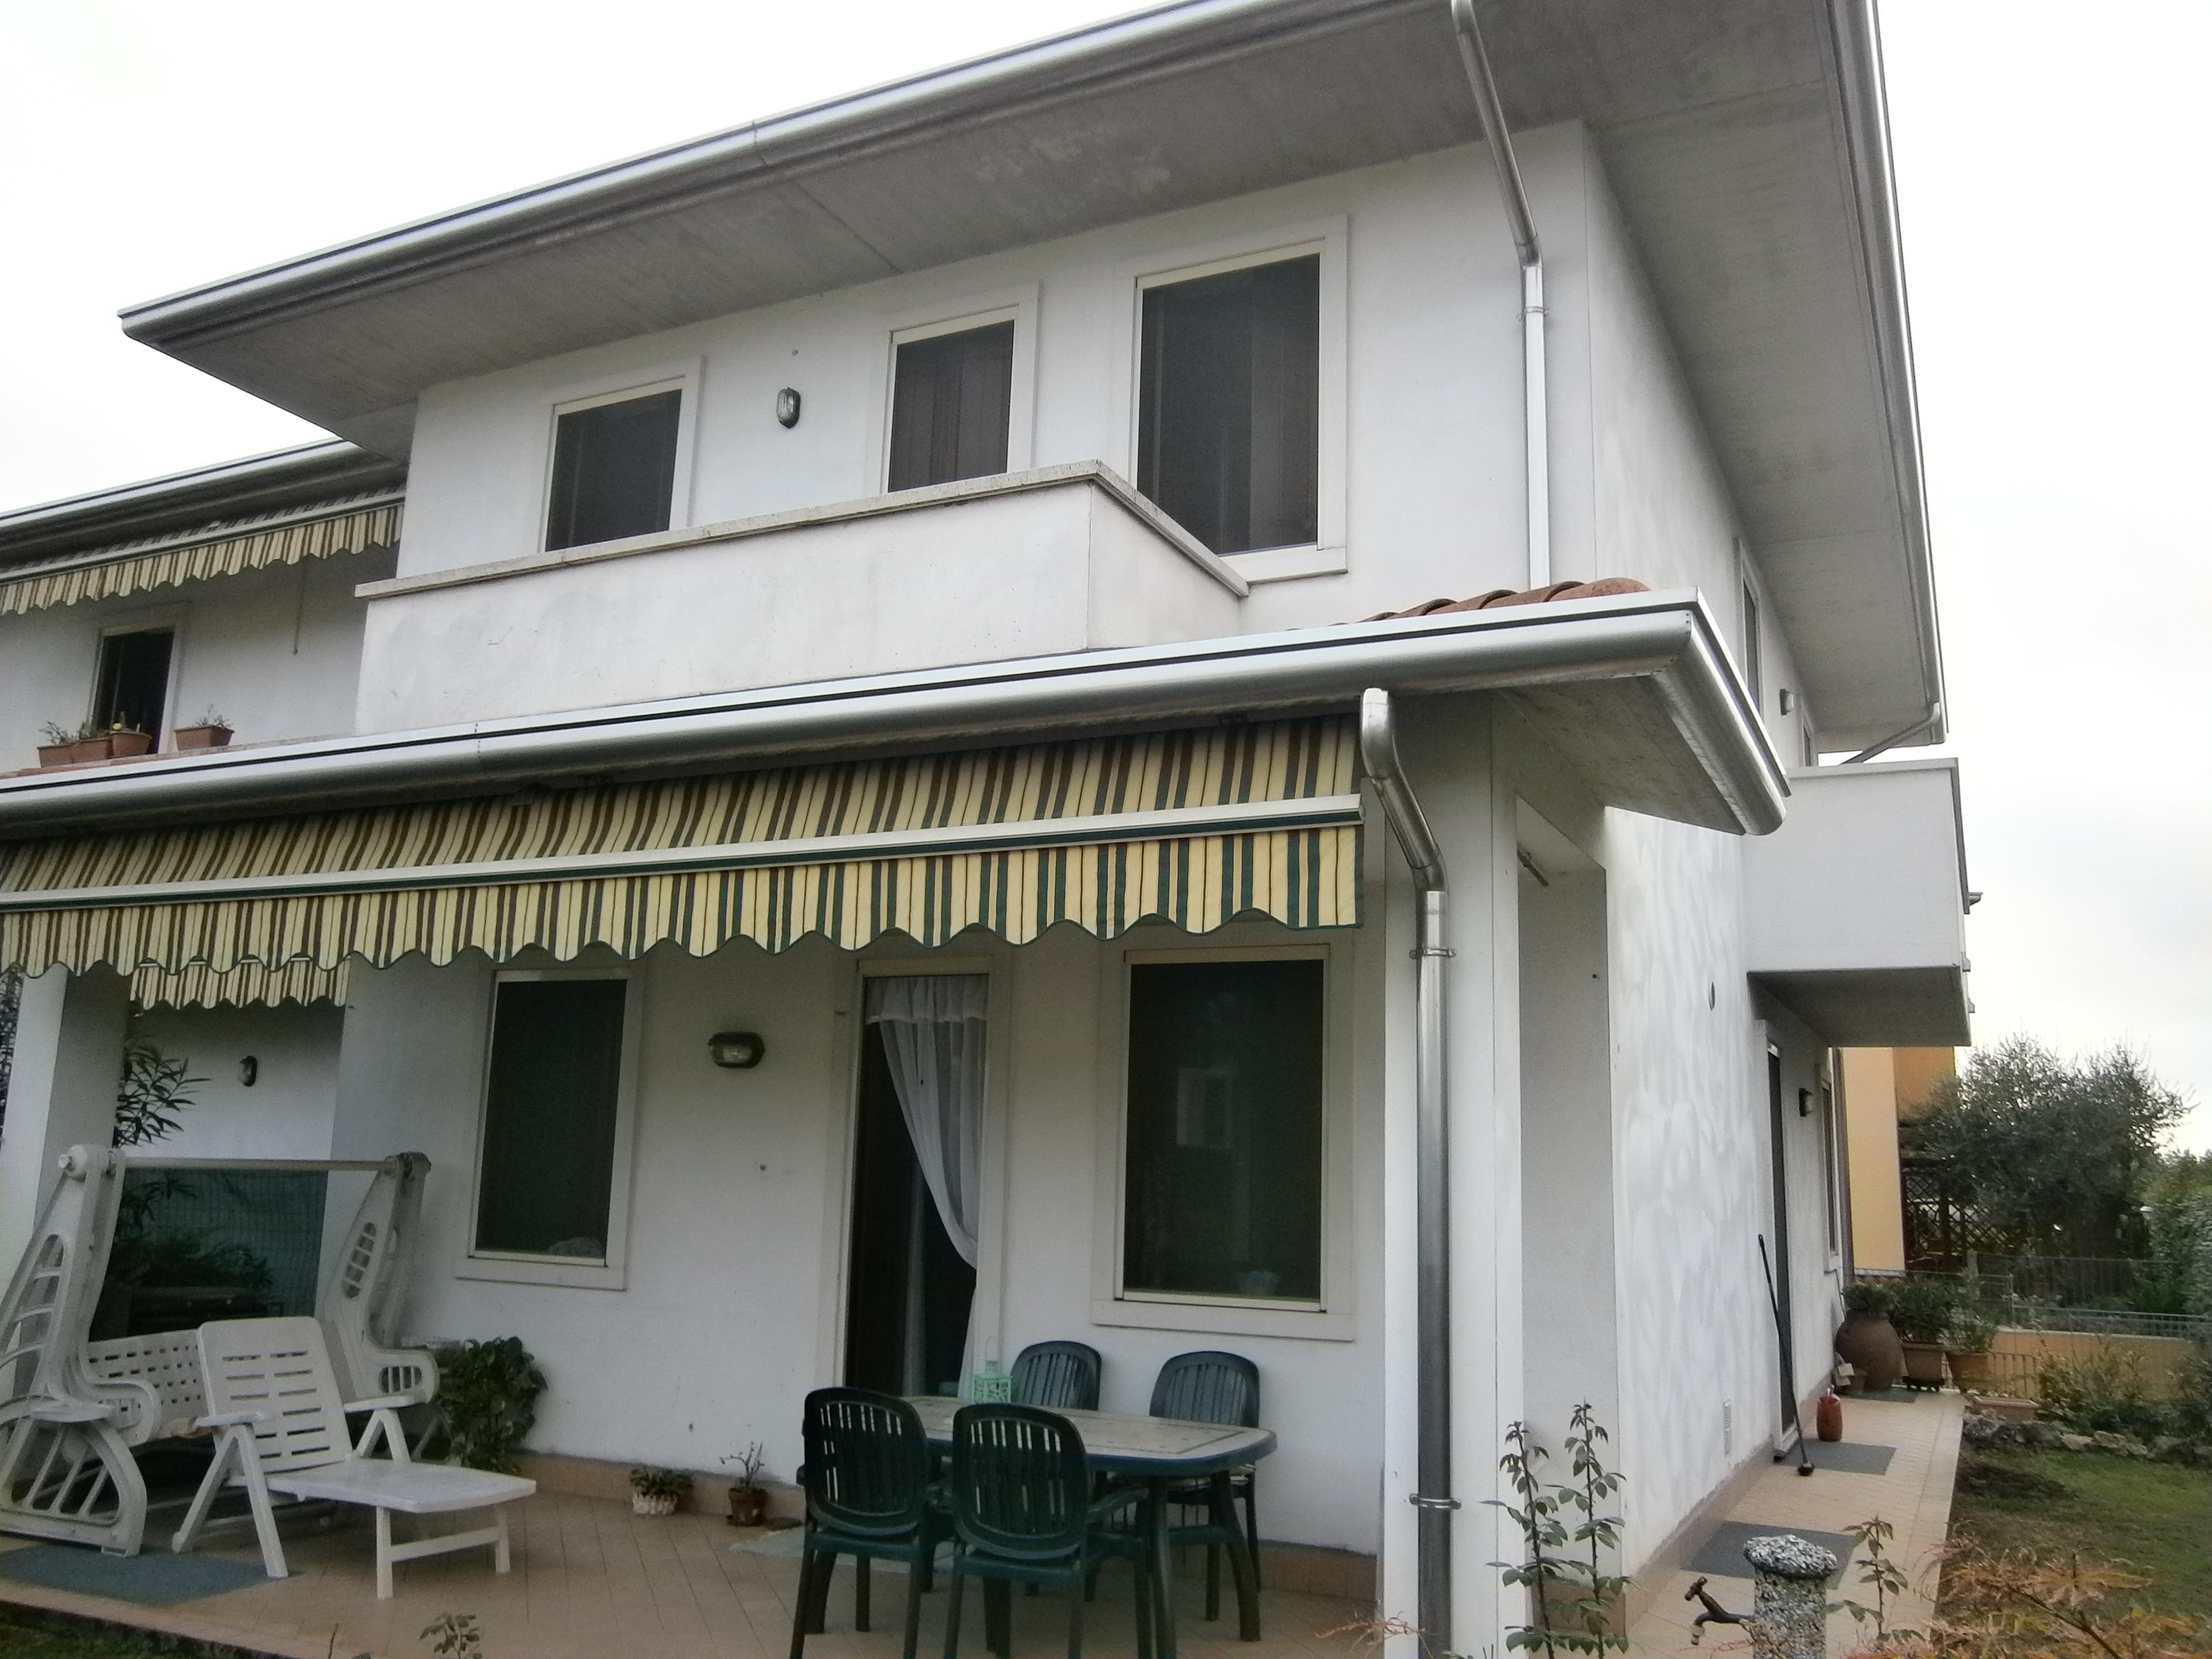 Pitturare casa esterno for Idee pittura casa